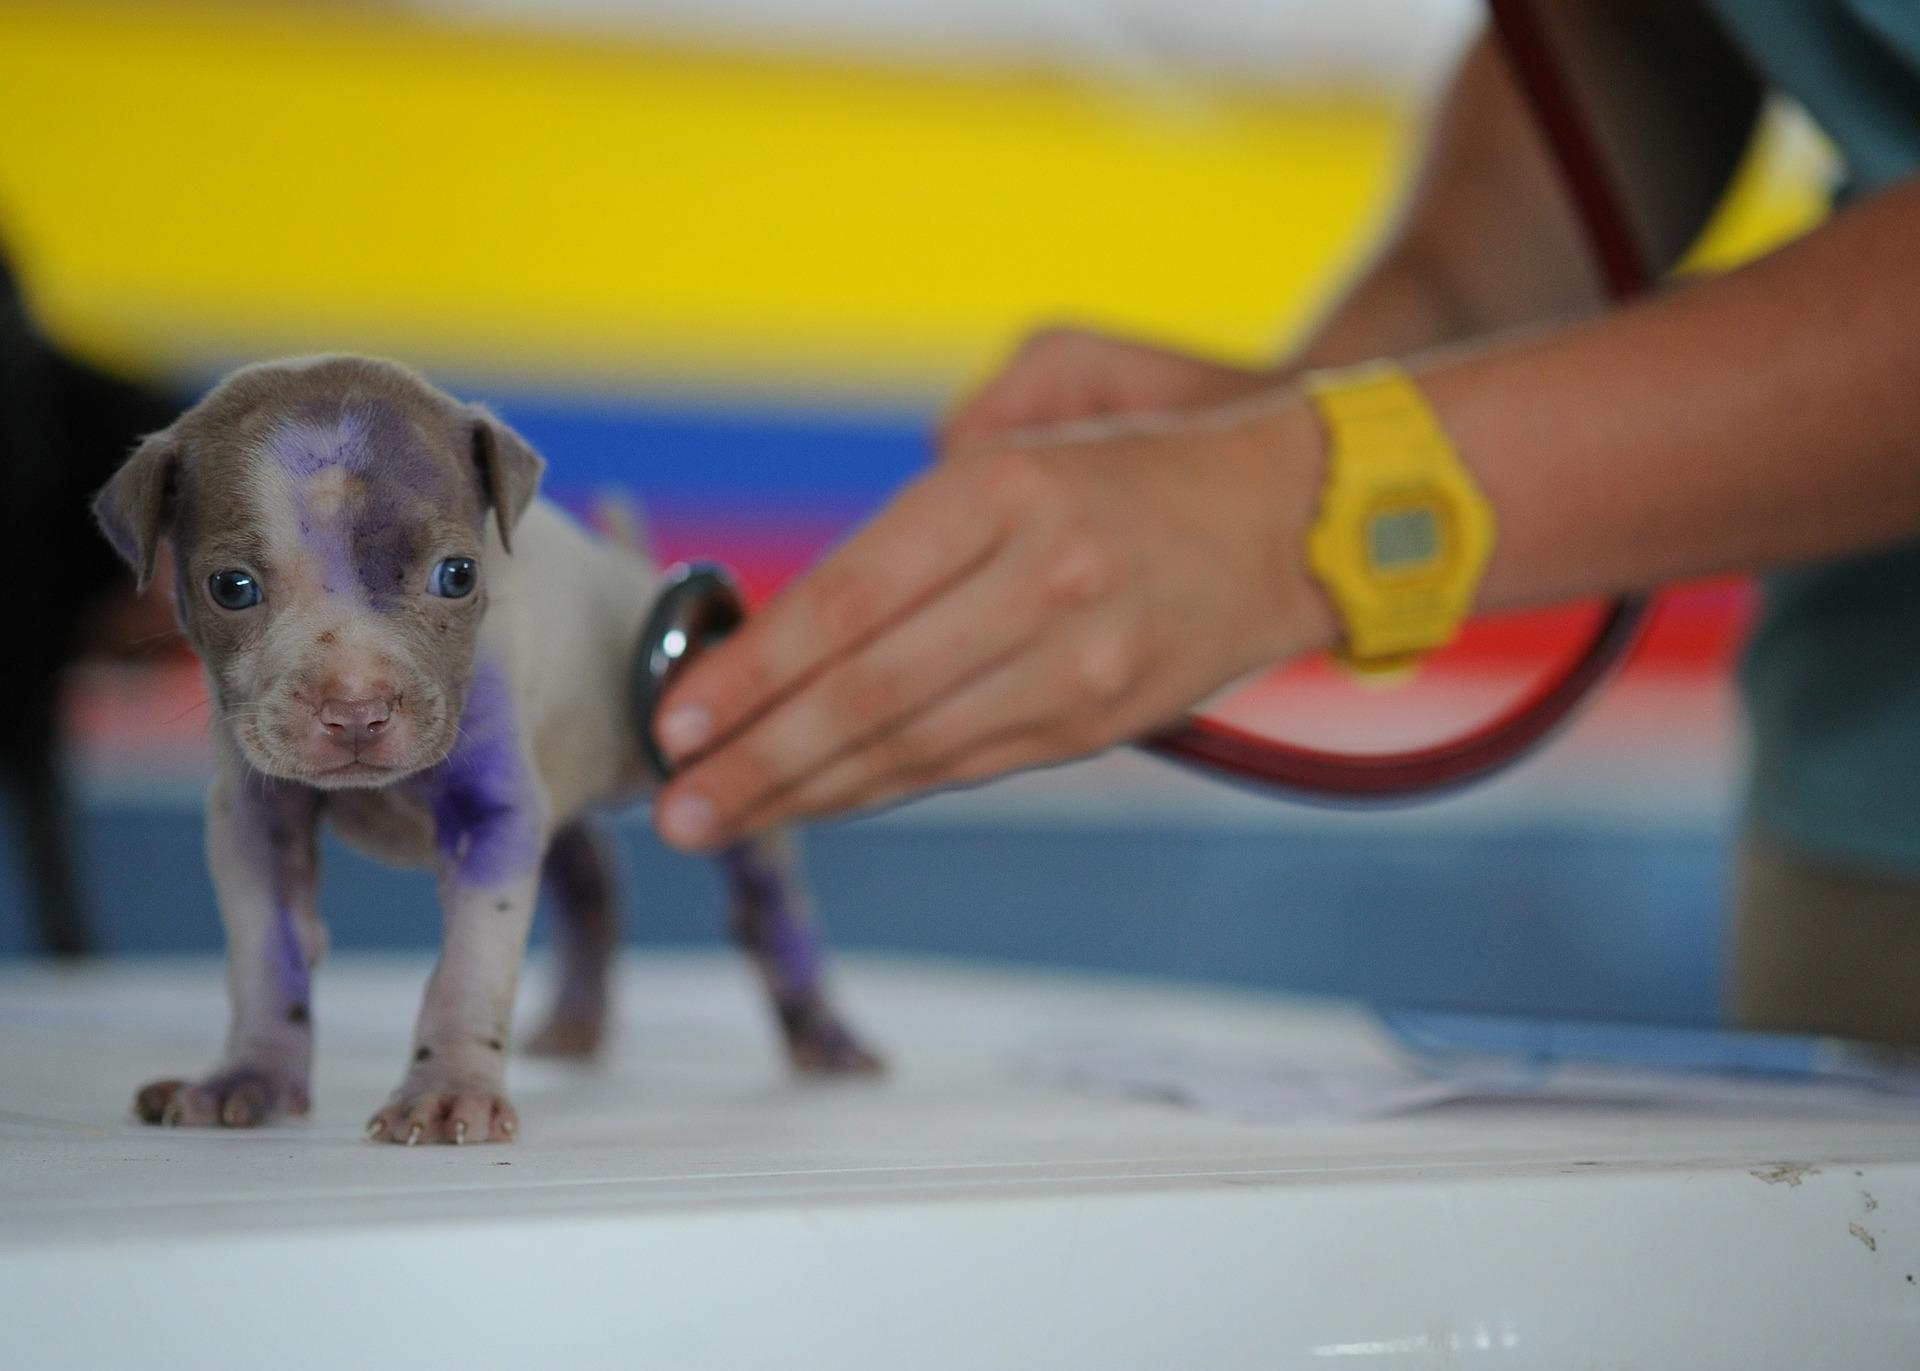 Einen guten Tierarzt erkennen: 10 Tipps, die Euch bei der Suche helfen